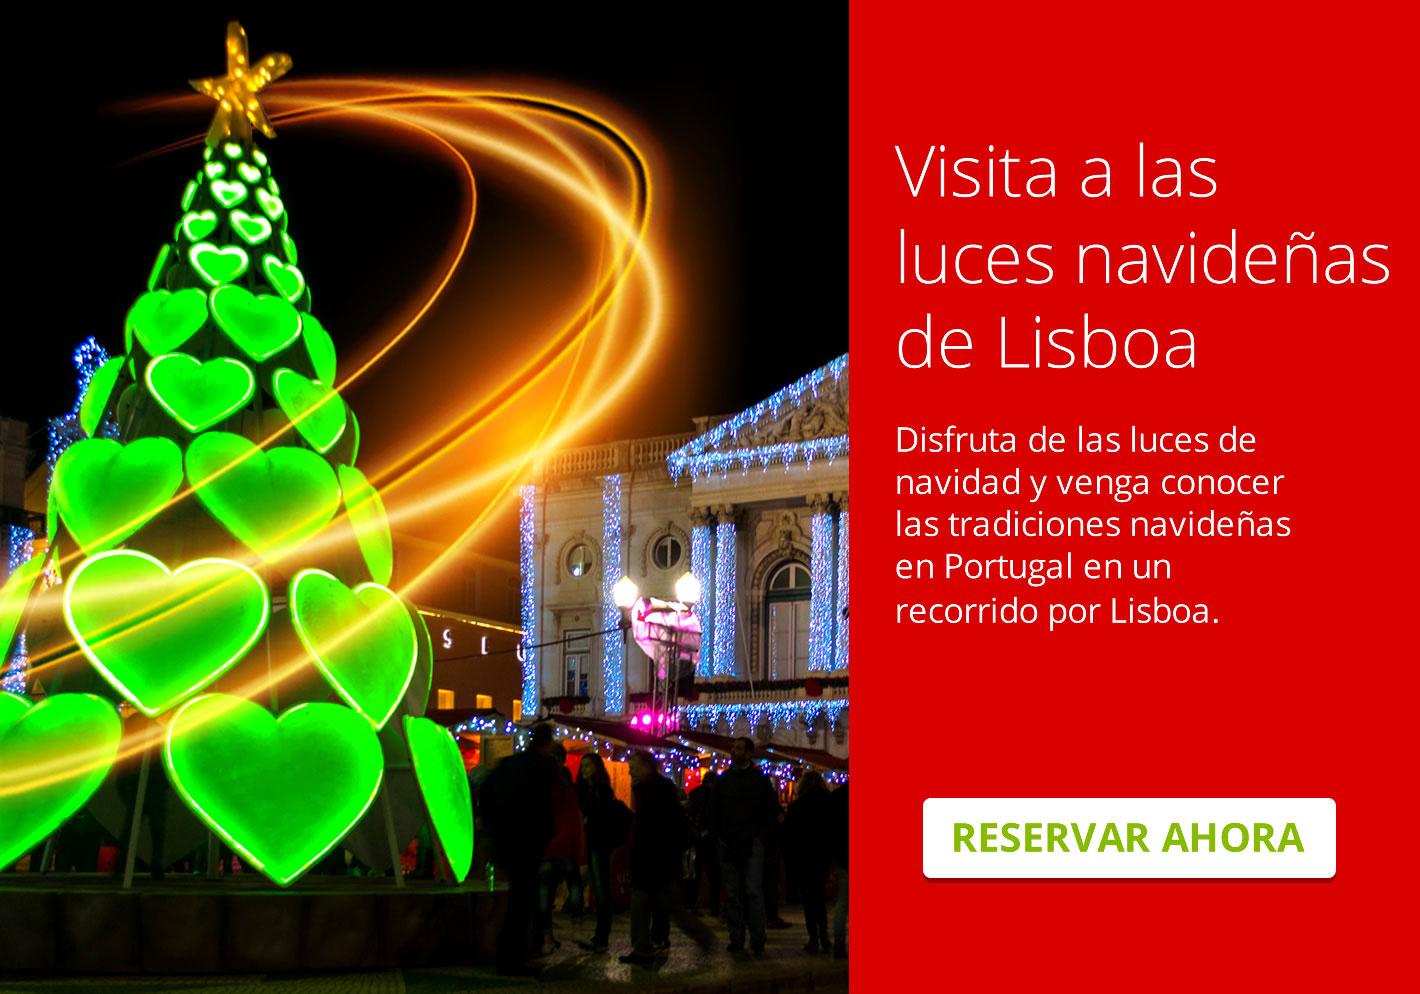 Visita a las luces navideñas de Lisboa